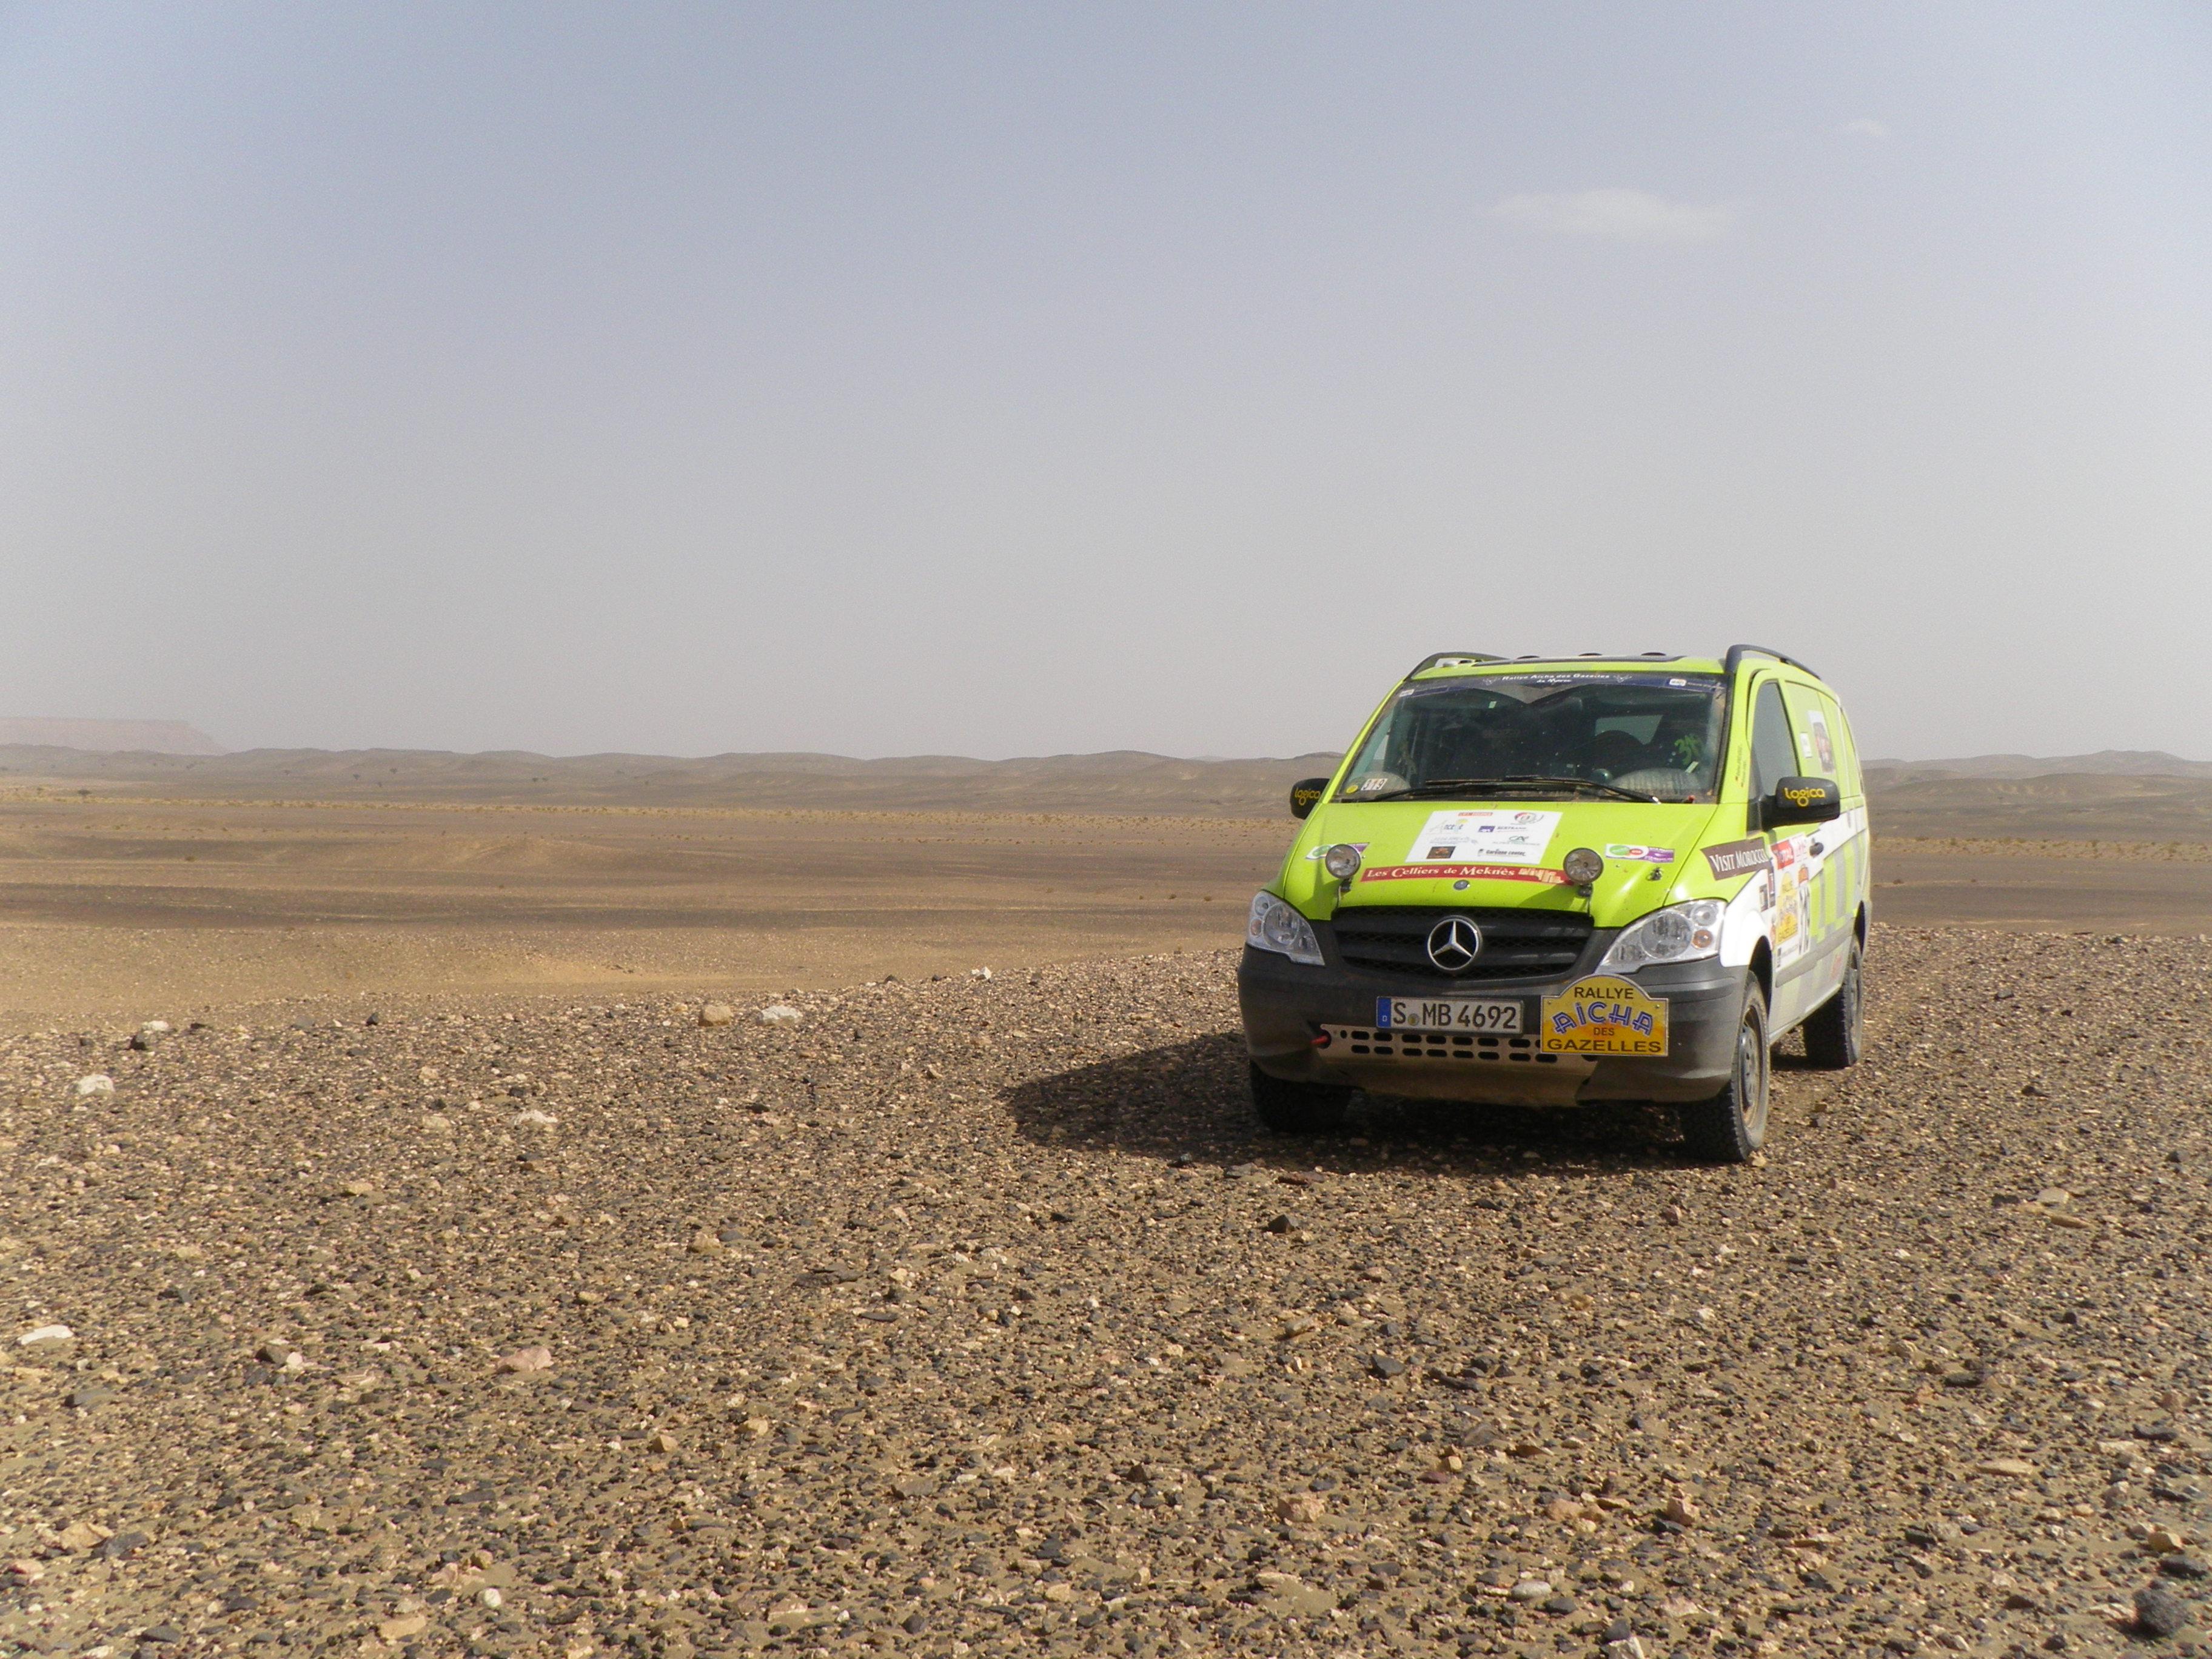 Véhicule de l'équipe vainqueur de l'édition 2011 du rallye Aicha des gazelles @Konuzelmann Thomas / CC BY